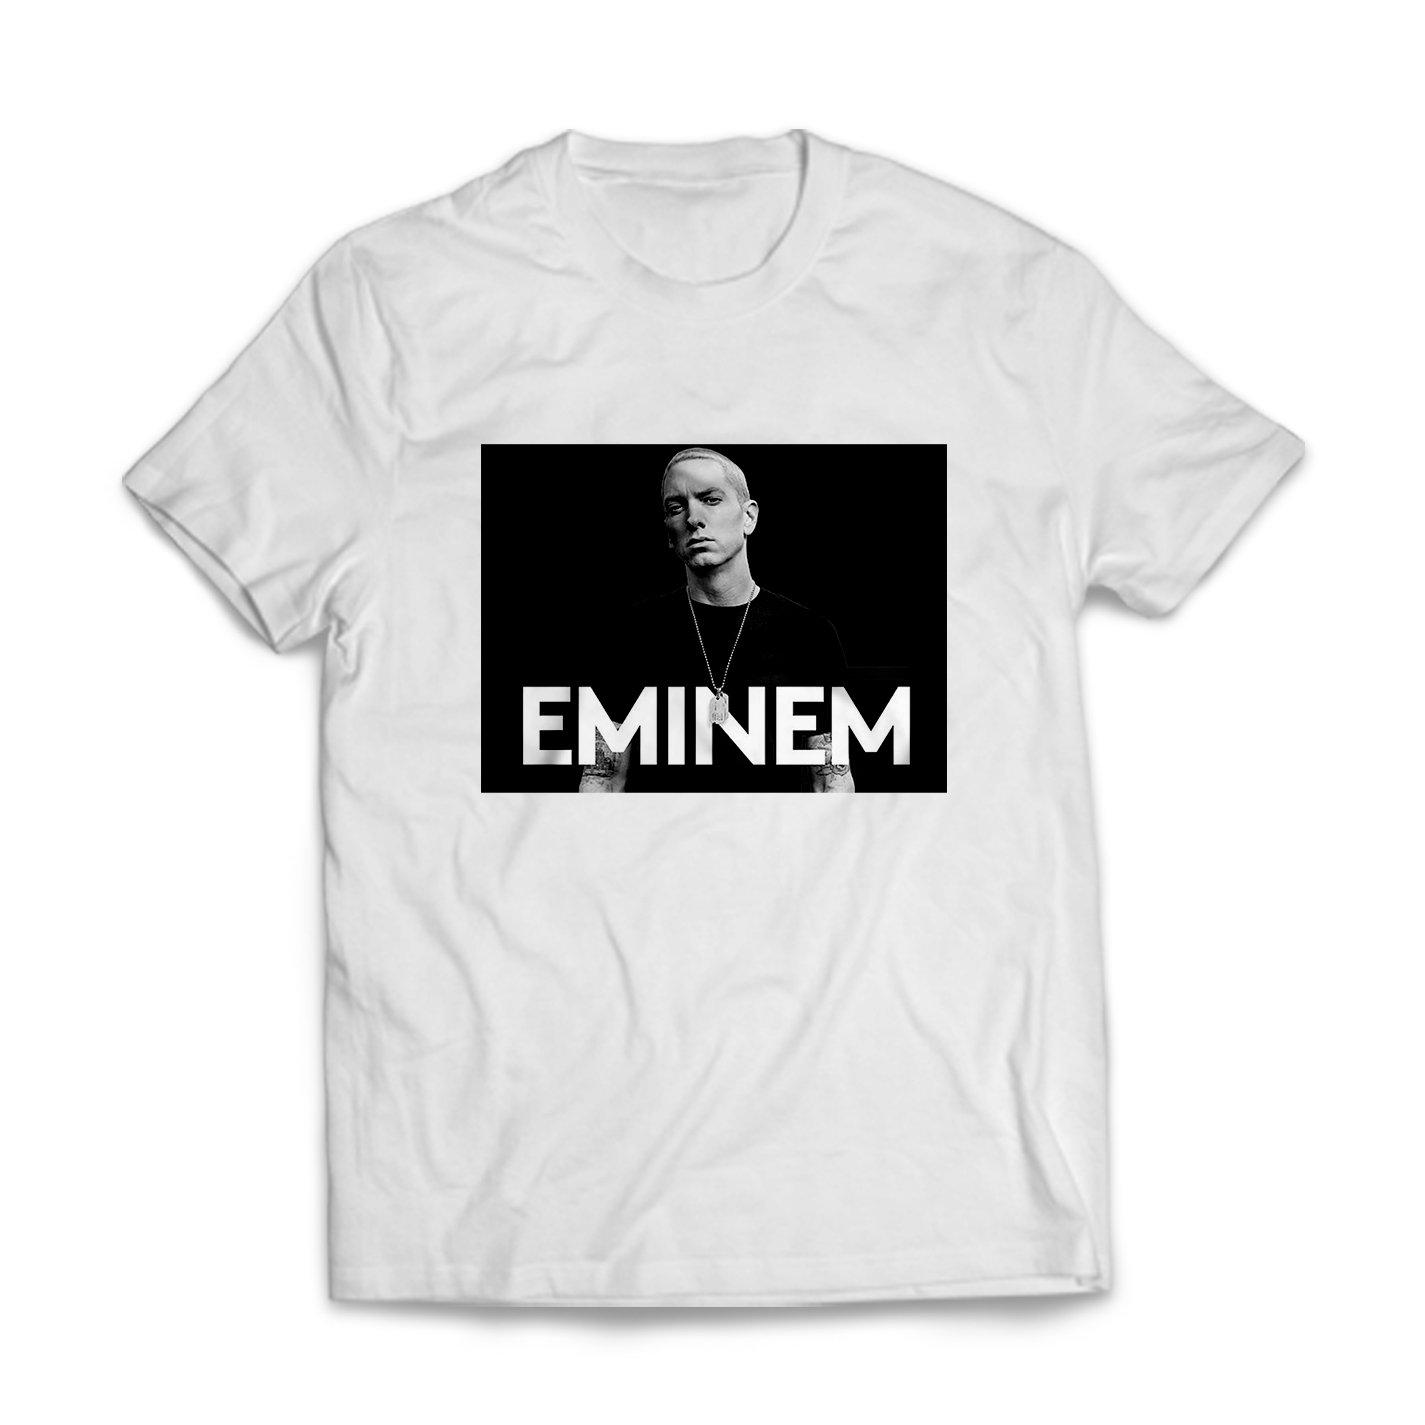 Publiassia Stamperia Eminem T- Shirt 23 Hip Hop Rap Maglietta Uomo Donna  Slim Shady 2018 Concerto Tour Maglia Idea Regalo  Amazon.it  Abbigliamento 56da7947ee2f